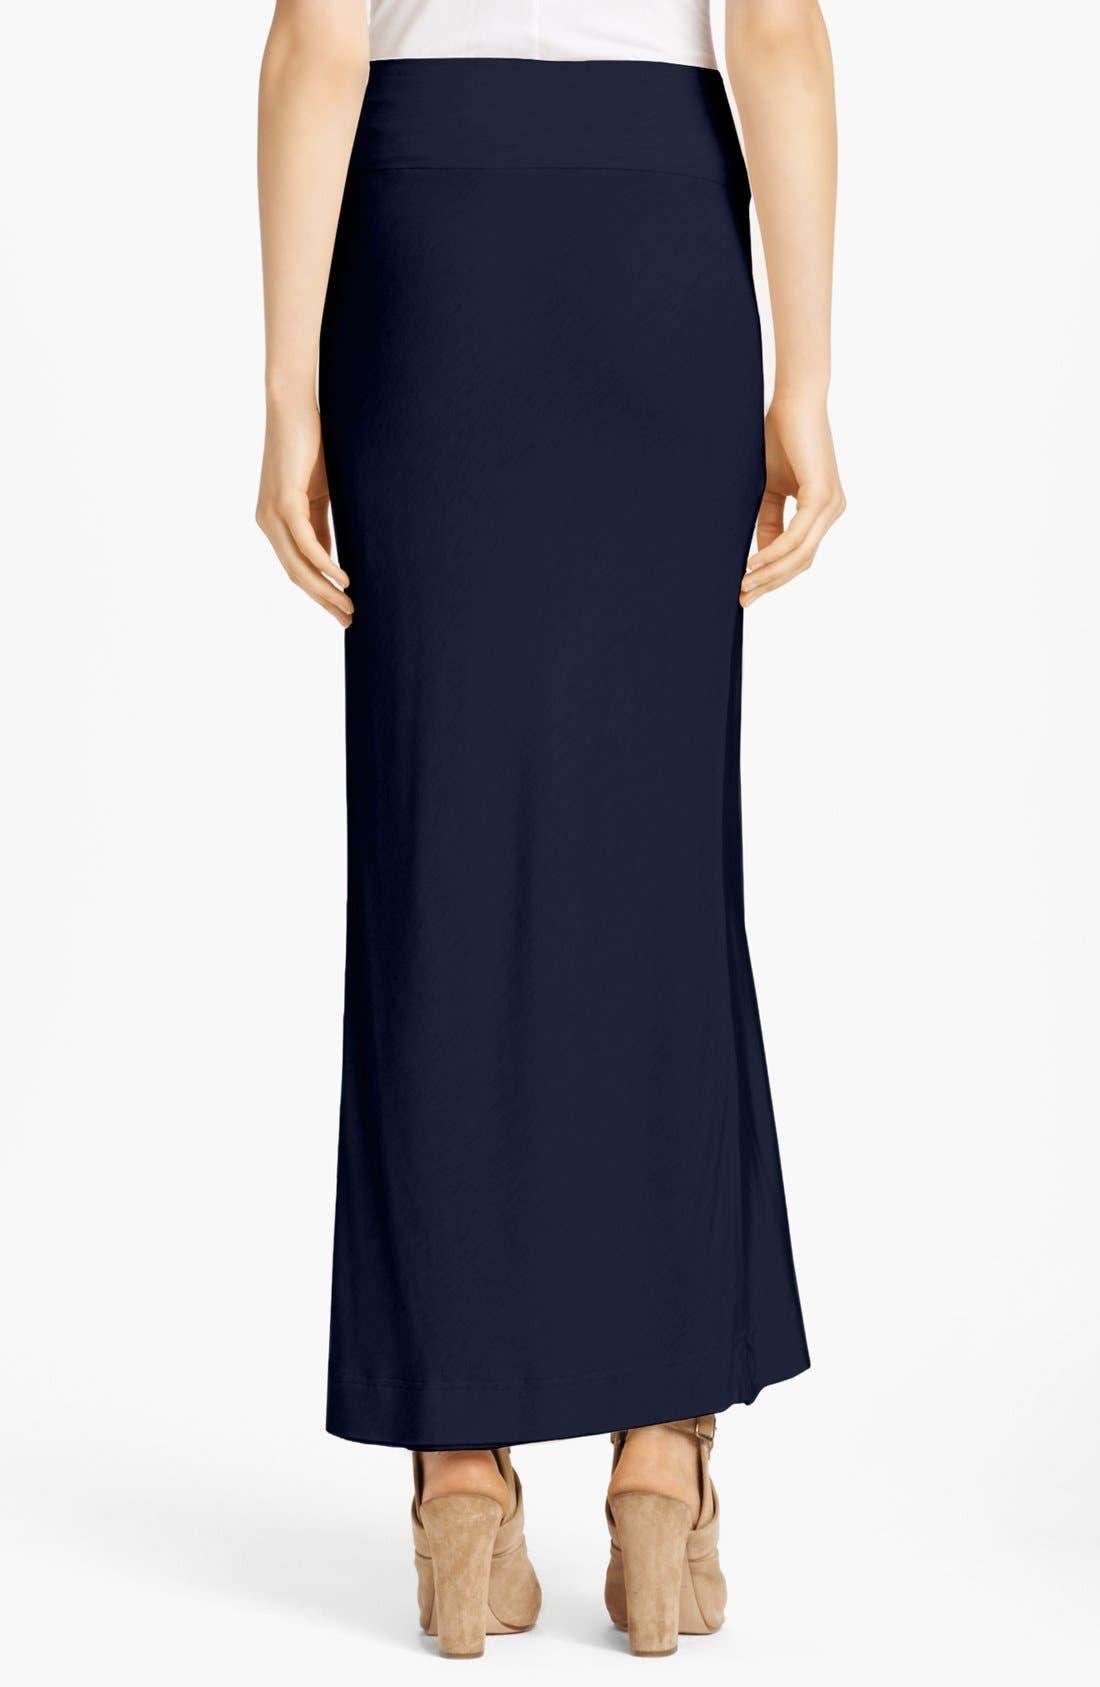 Alternate Image 2  - Donna Karan Casual Luxe Satin & Jersey Bias Cut Skirt